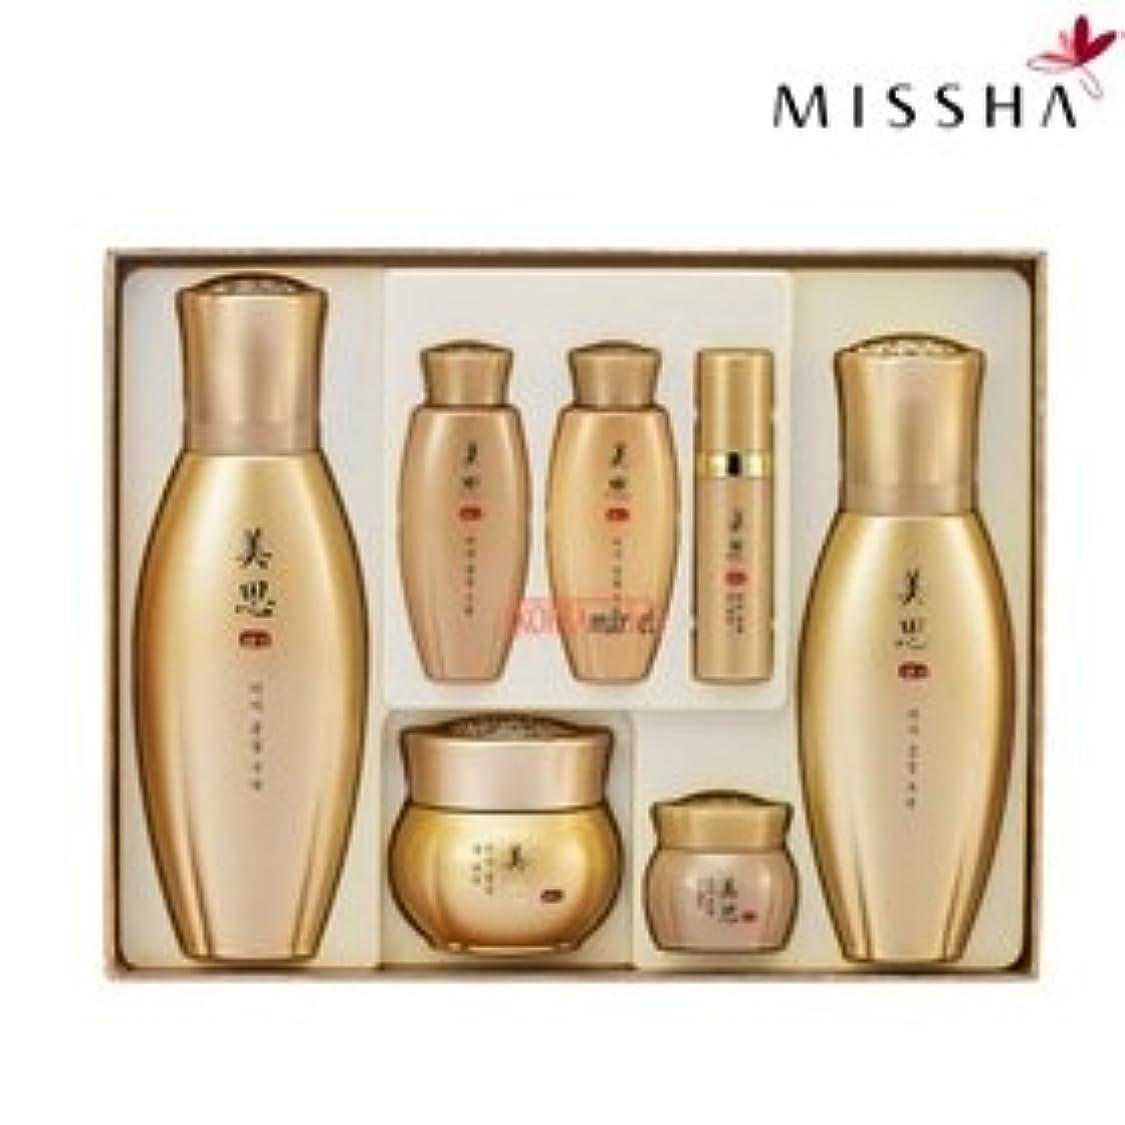 賞賛する宅配便現象MISSHA(ミシャ)97種漢方成分配合美思 金雪(クムソル)3種企画セット 海外直送品